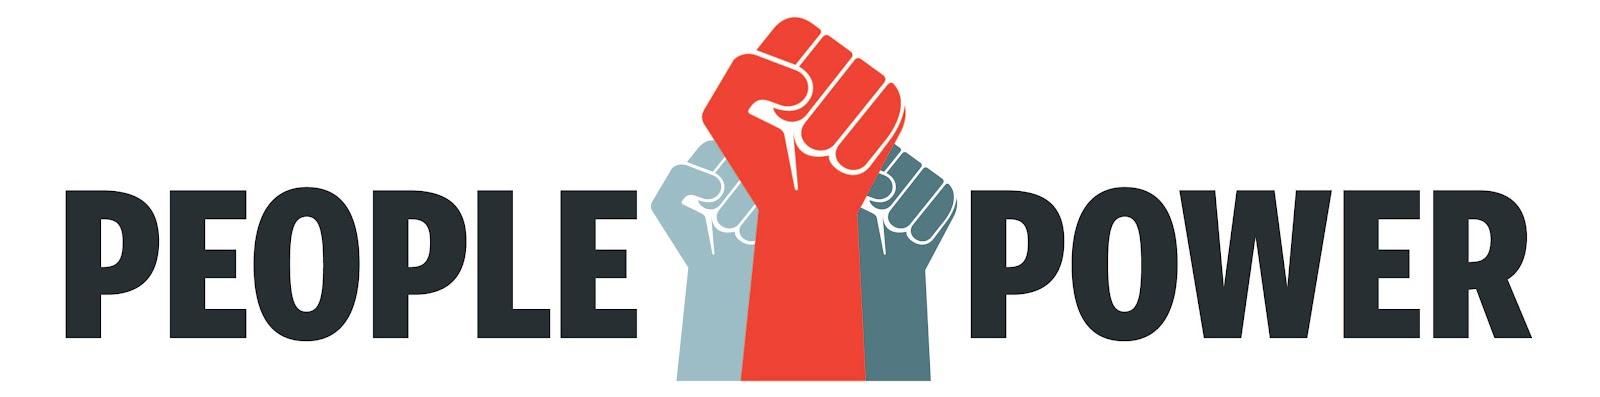 ACLU_PeoplePower_1_fullcolor.jpg